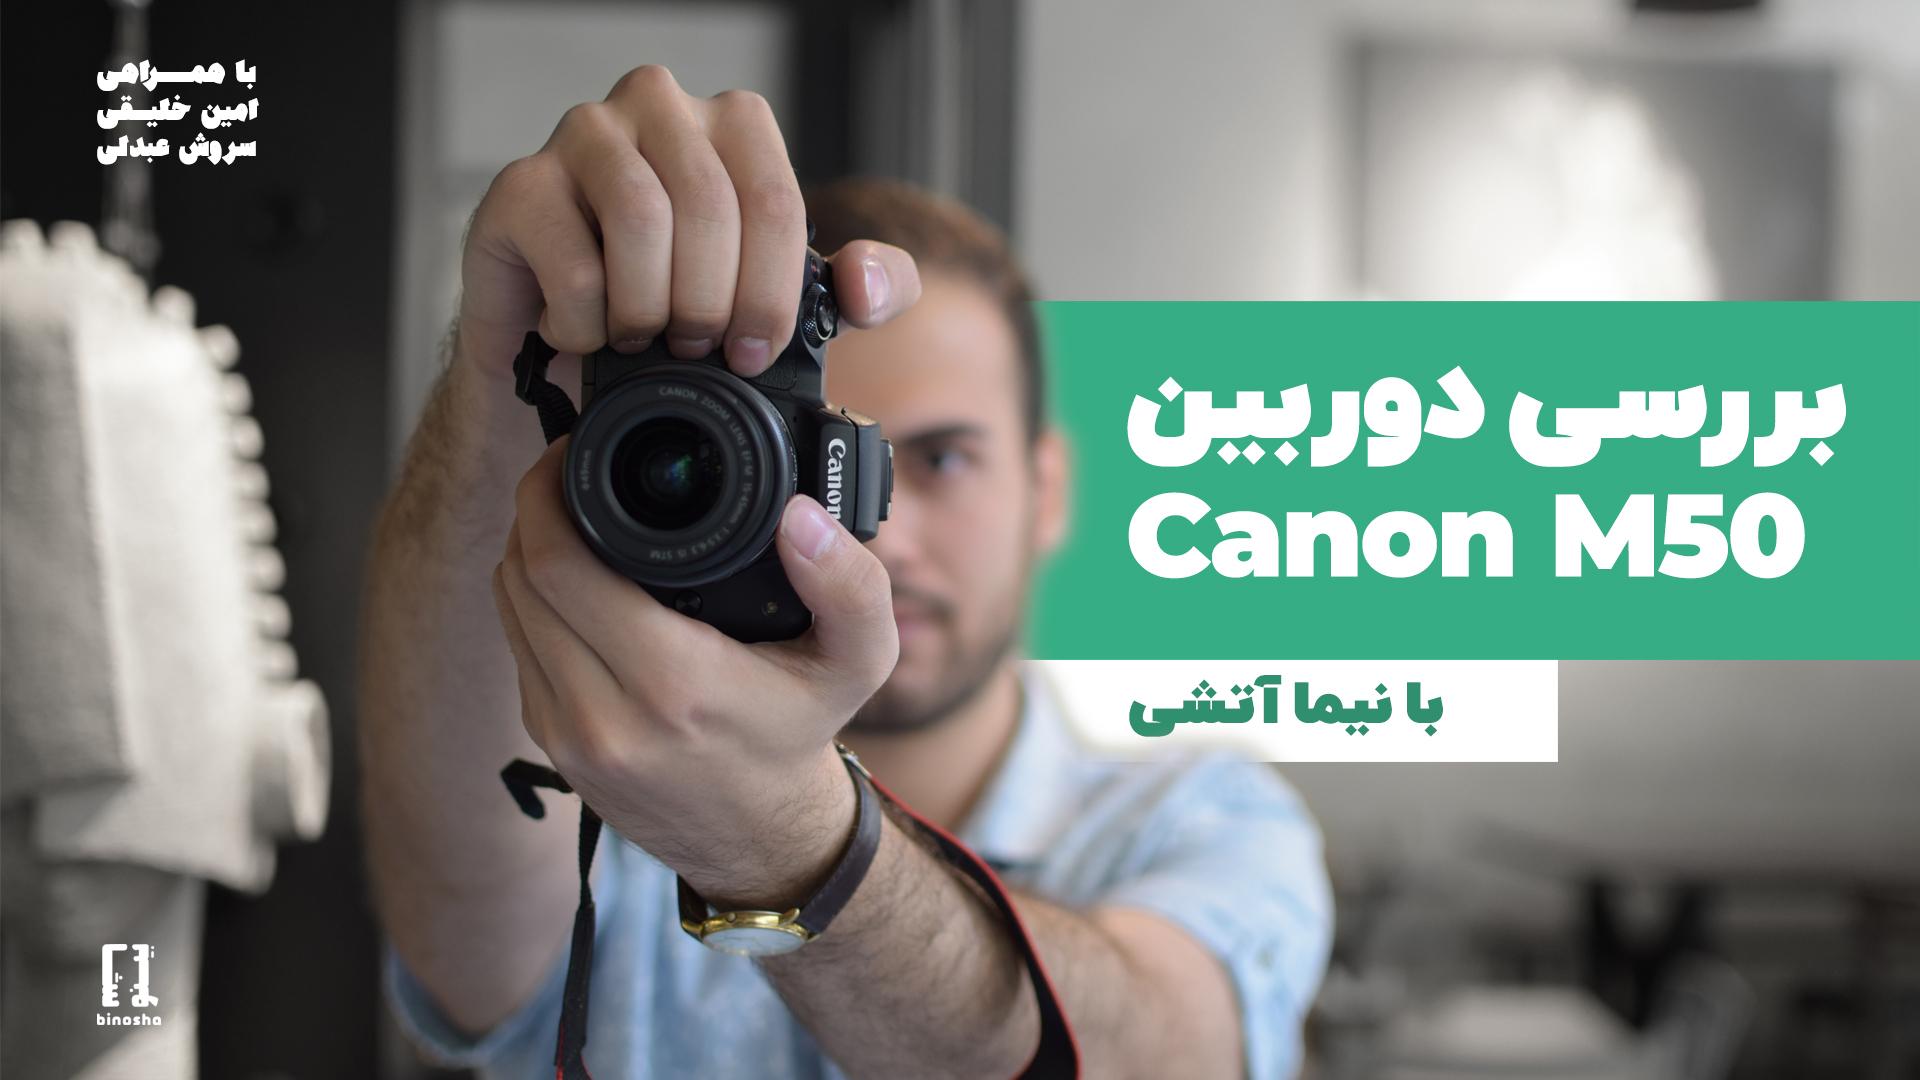 بررسی دوربین میان رده بدون آینه کنون m50 بهترین کنون برای یوتیوب؟ | Canon EOS M50 Review